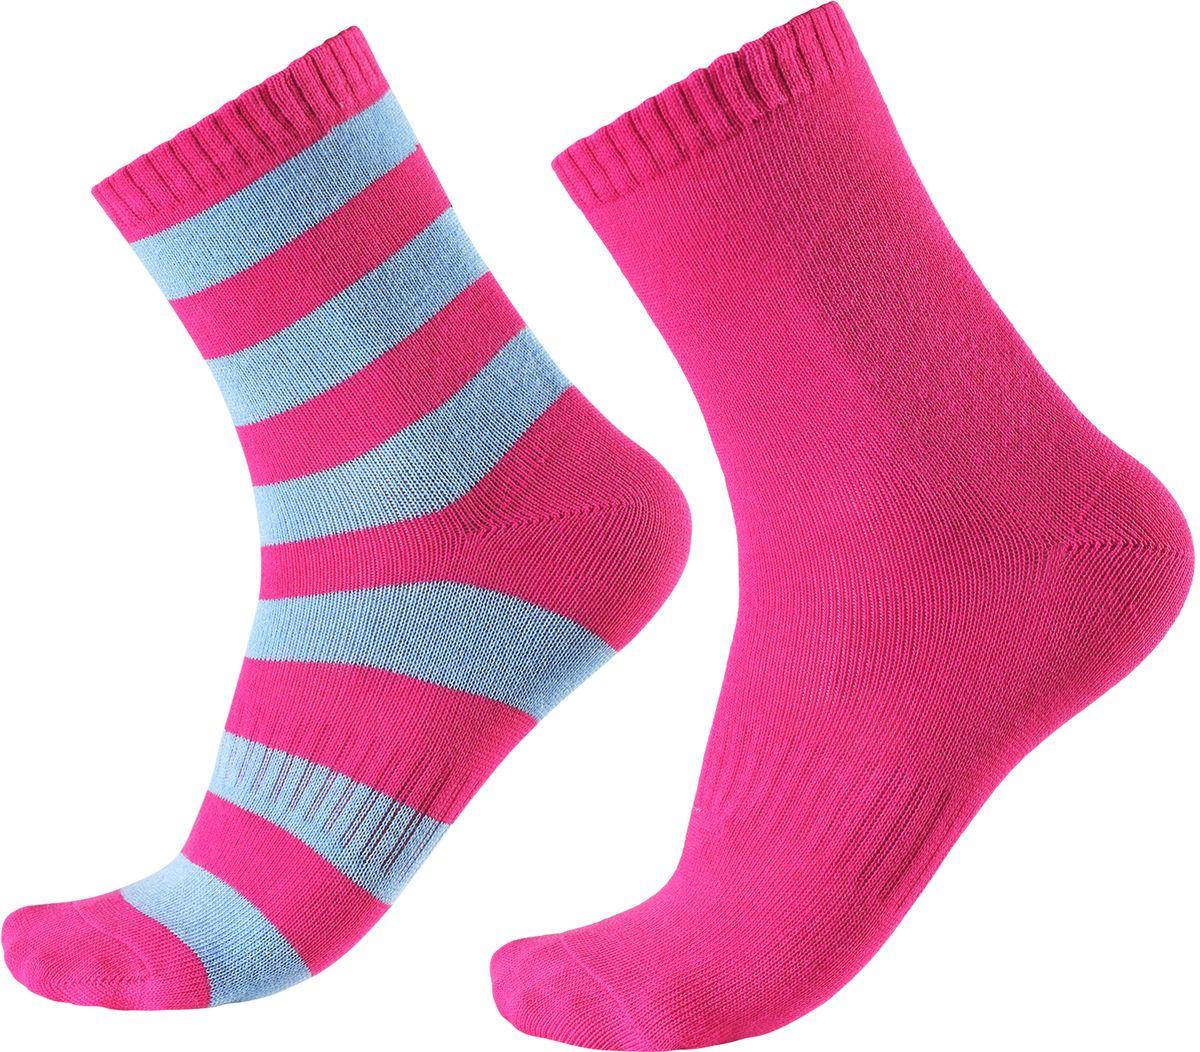 Носки детские Reima Colombo, цвет: розовый, голубой. 527267-4620. Размер 30/33527267-4620В носках из смеси Coolmax детским ножкам будет тепло и уютно. Смесь Coolmax с хлопком превосходно подходит для занятий спортом и подвижных игр на свежем воздухе, поскольку эффективно выводит влагу с кожи и не вызывает потливости. Этот материал дышит и быстро сохнет. Легкая летняя модель без ворсового усиления.